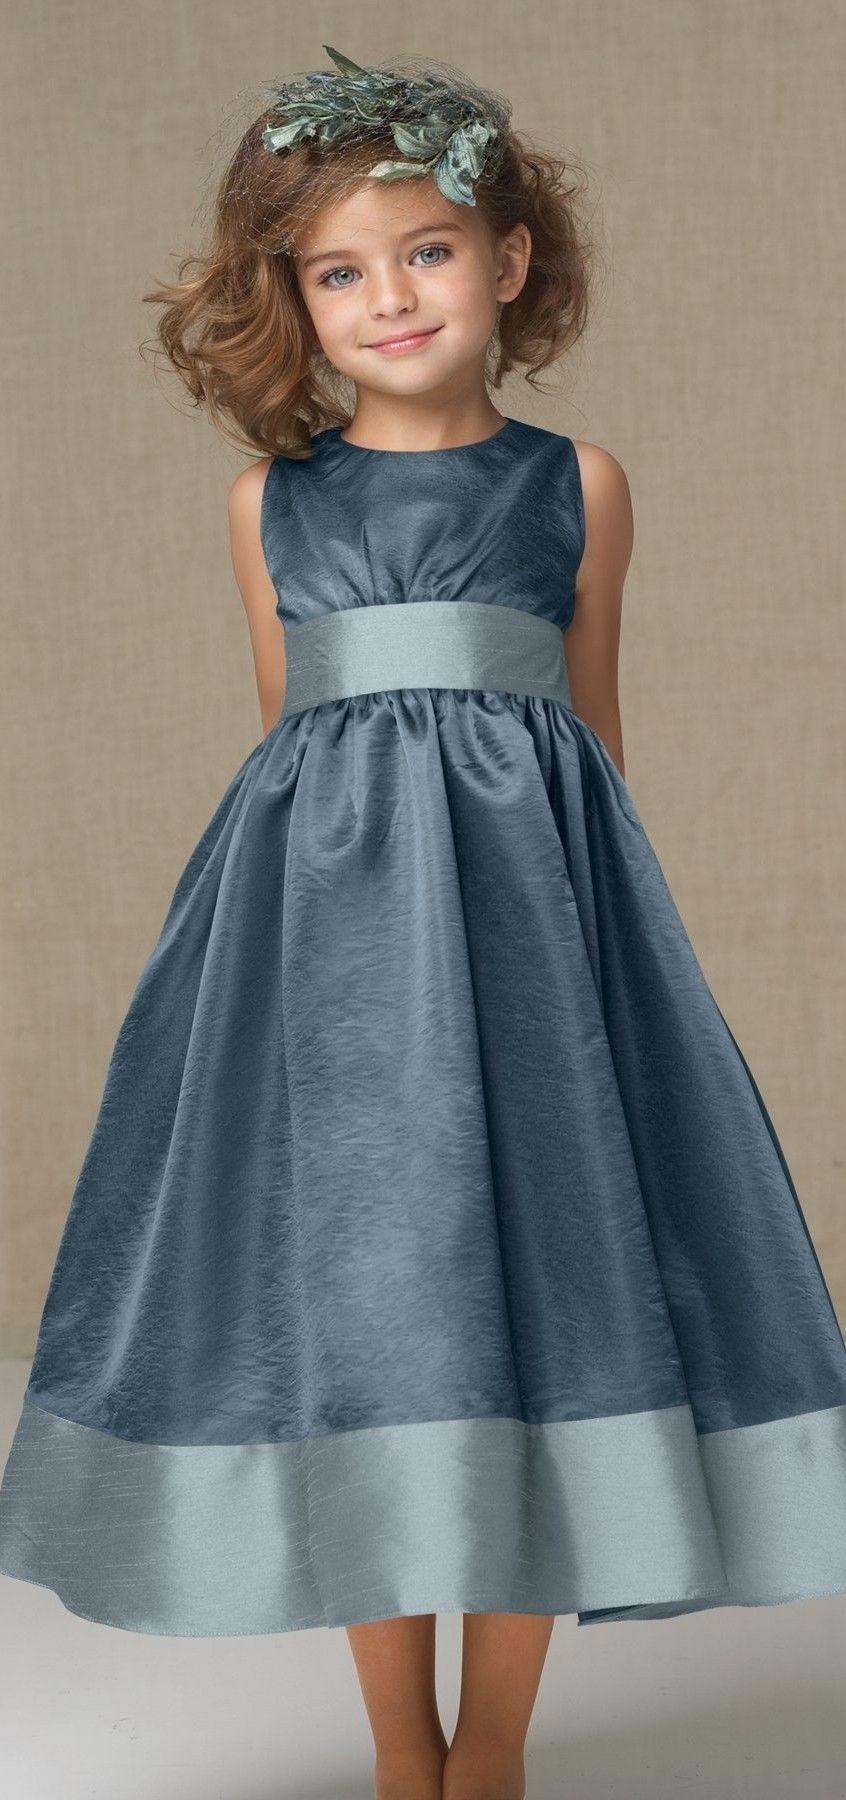 Hermoso vestido para fiesta en color azul en 2 tonos, adorable